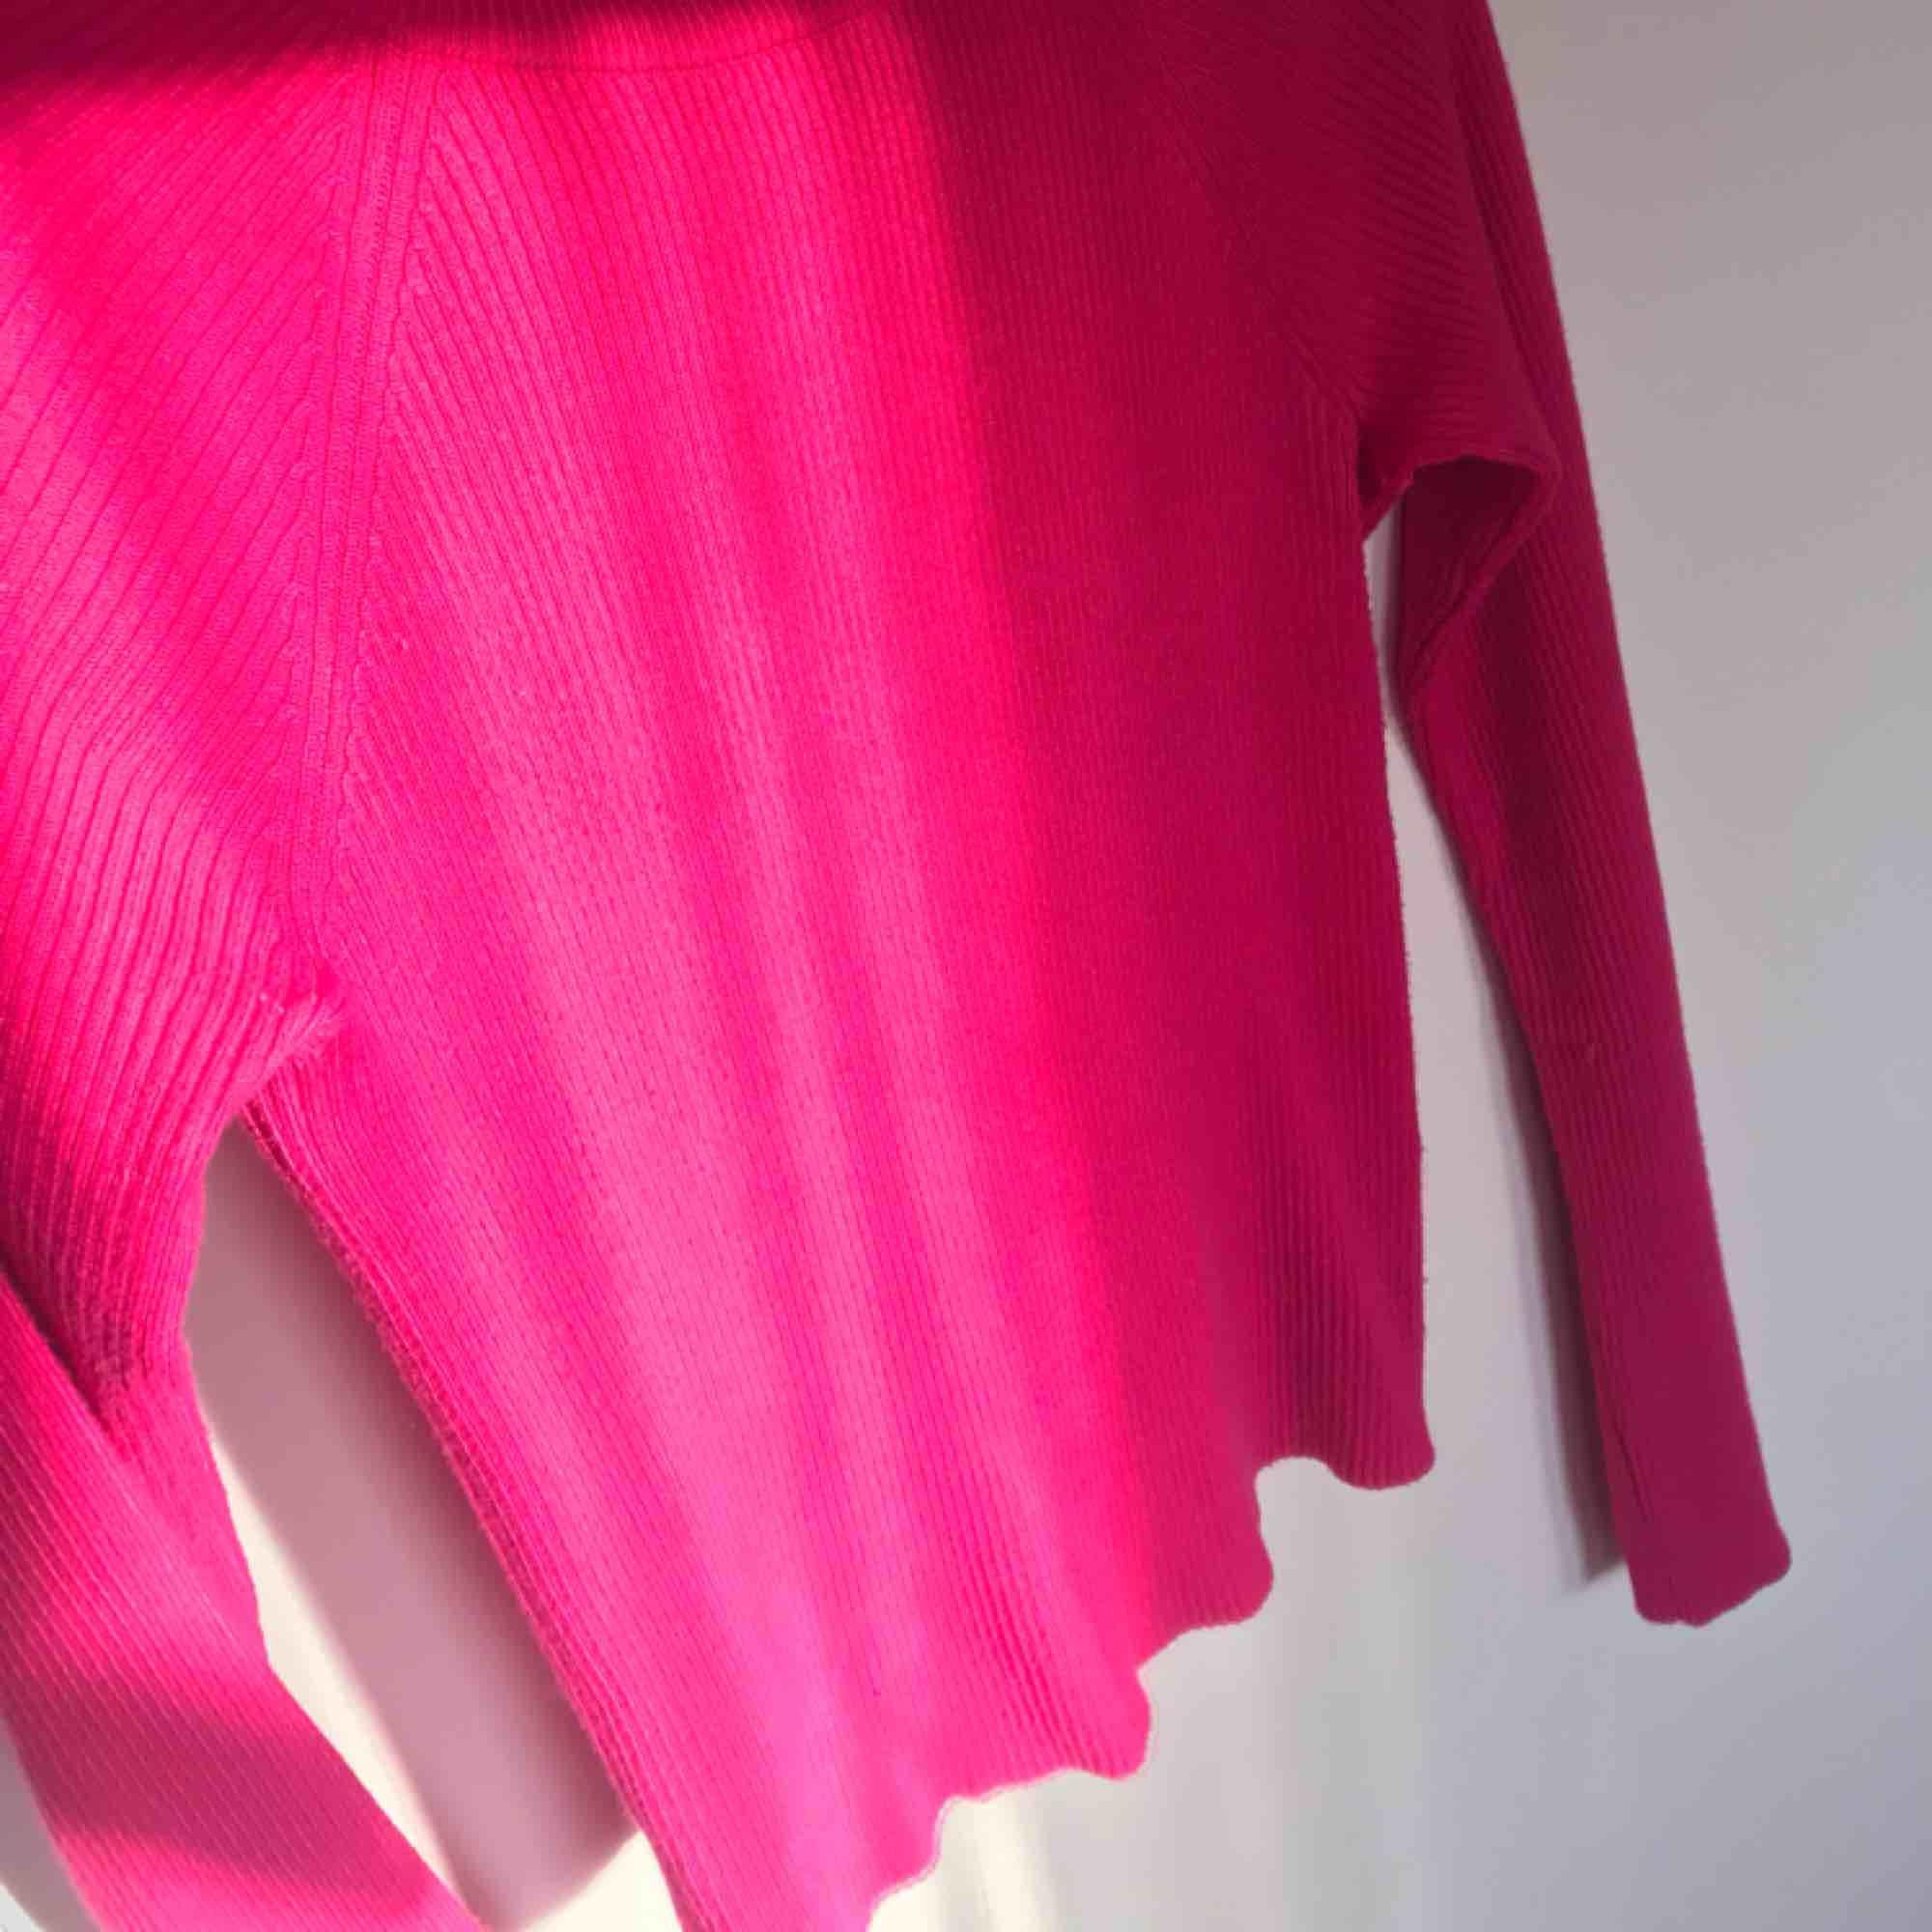 Snyggaste rosa tröjan!!! Har bara använts 3 gånger 😍 pris går o diskuteras!!💖. Tröjor & Koftor.